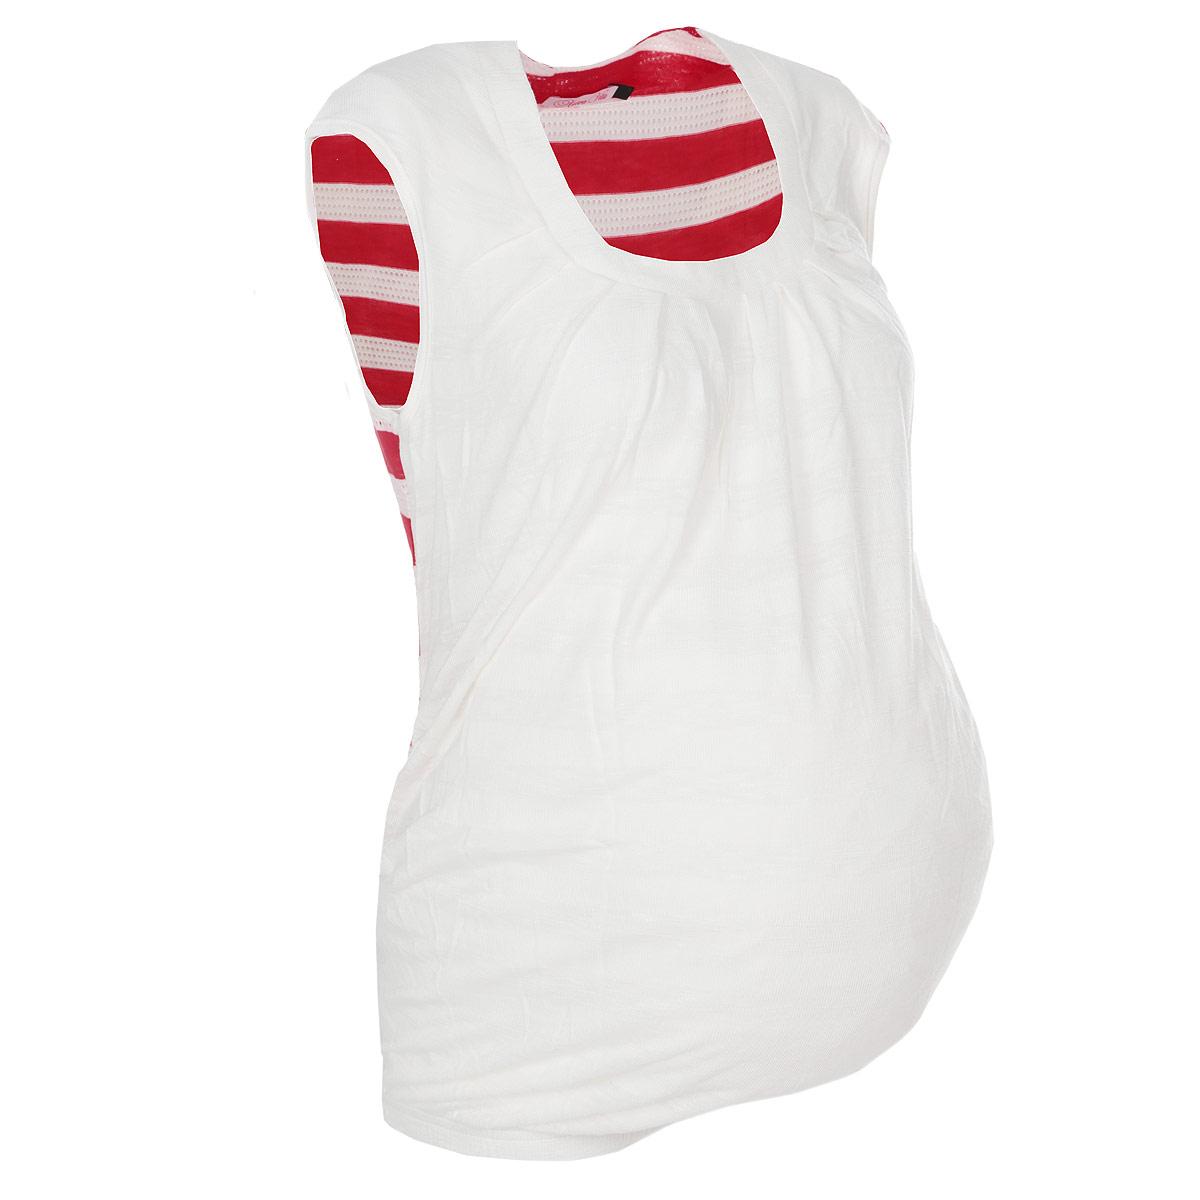 Блузка1347.1Стильная футболка Nuova Vita для будущих мам, изготовленная из мягкой вискозы с полосатым принтом, подарит комфорт во время носки. Модель полуоблегающего кроя с круглым вырезом горловины и без рукавов идеальна для повседневной носки, прекрасно садится на любую фигуру, комфортна и приятна к телу. По низу изделие собрано на резинку. Вискоза является волокном, произведенным из натурального материала - целлюлозы (древесины). Иногда ее называют древесный шелк. Эта ткань на ощупь мягкая и приятная, образует красивые складки. Материал очень хорошо впитывает влагу, не образует катышек со временем, не выцветает на солнце и обладает приятным шелковистым блеском.